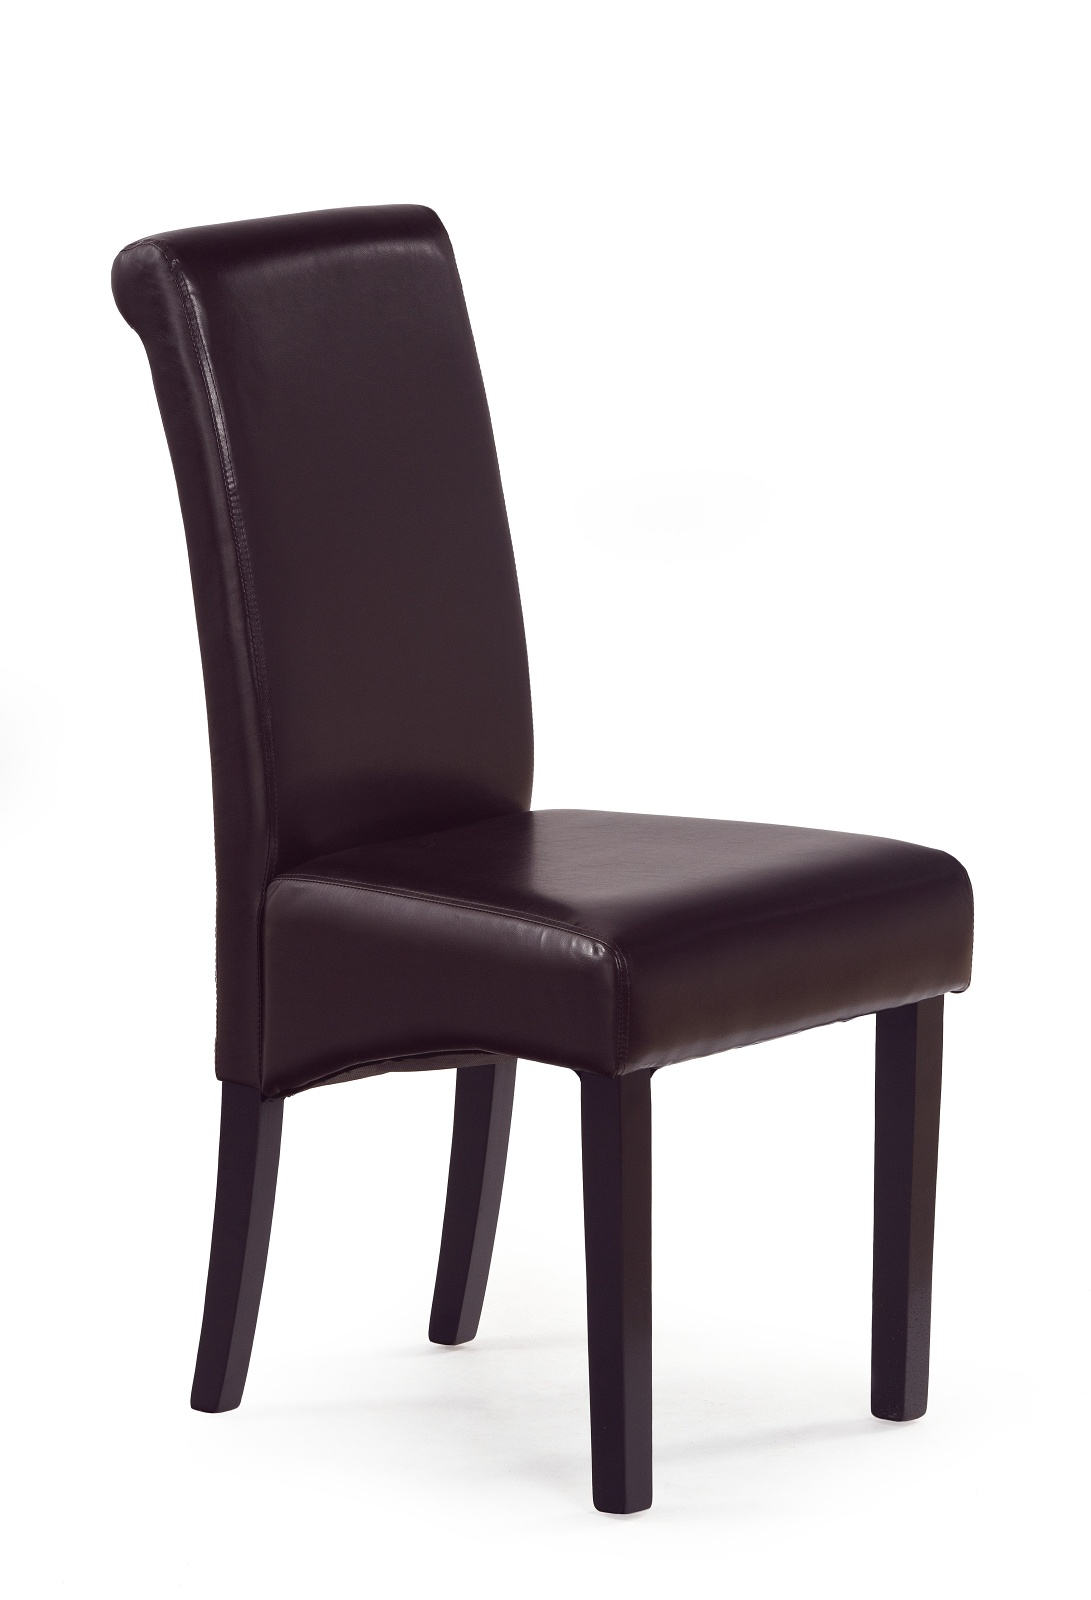 0ae8000b265a Jedálenská stolička Nero tmavohnedá  výpredaj